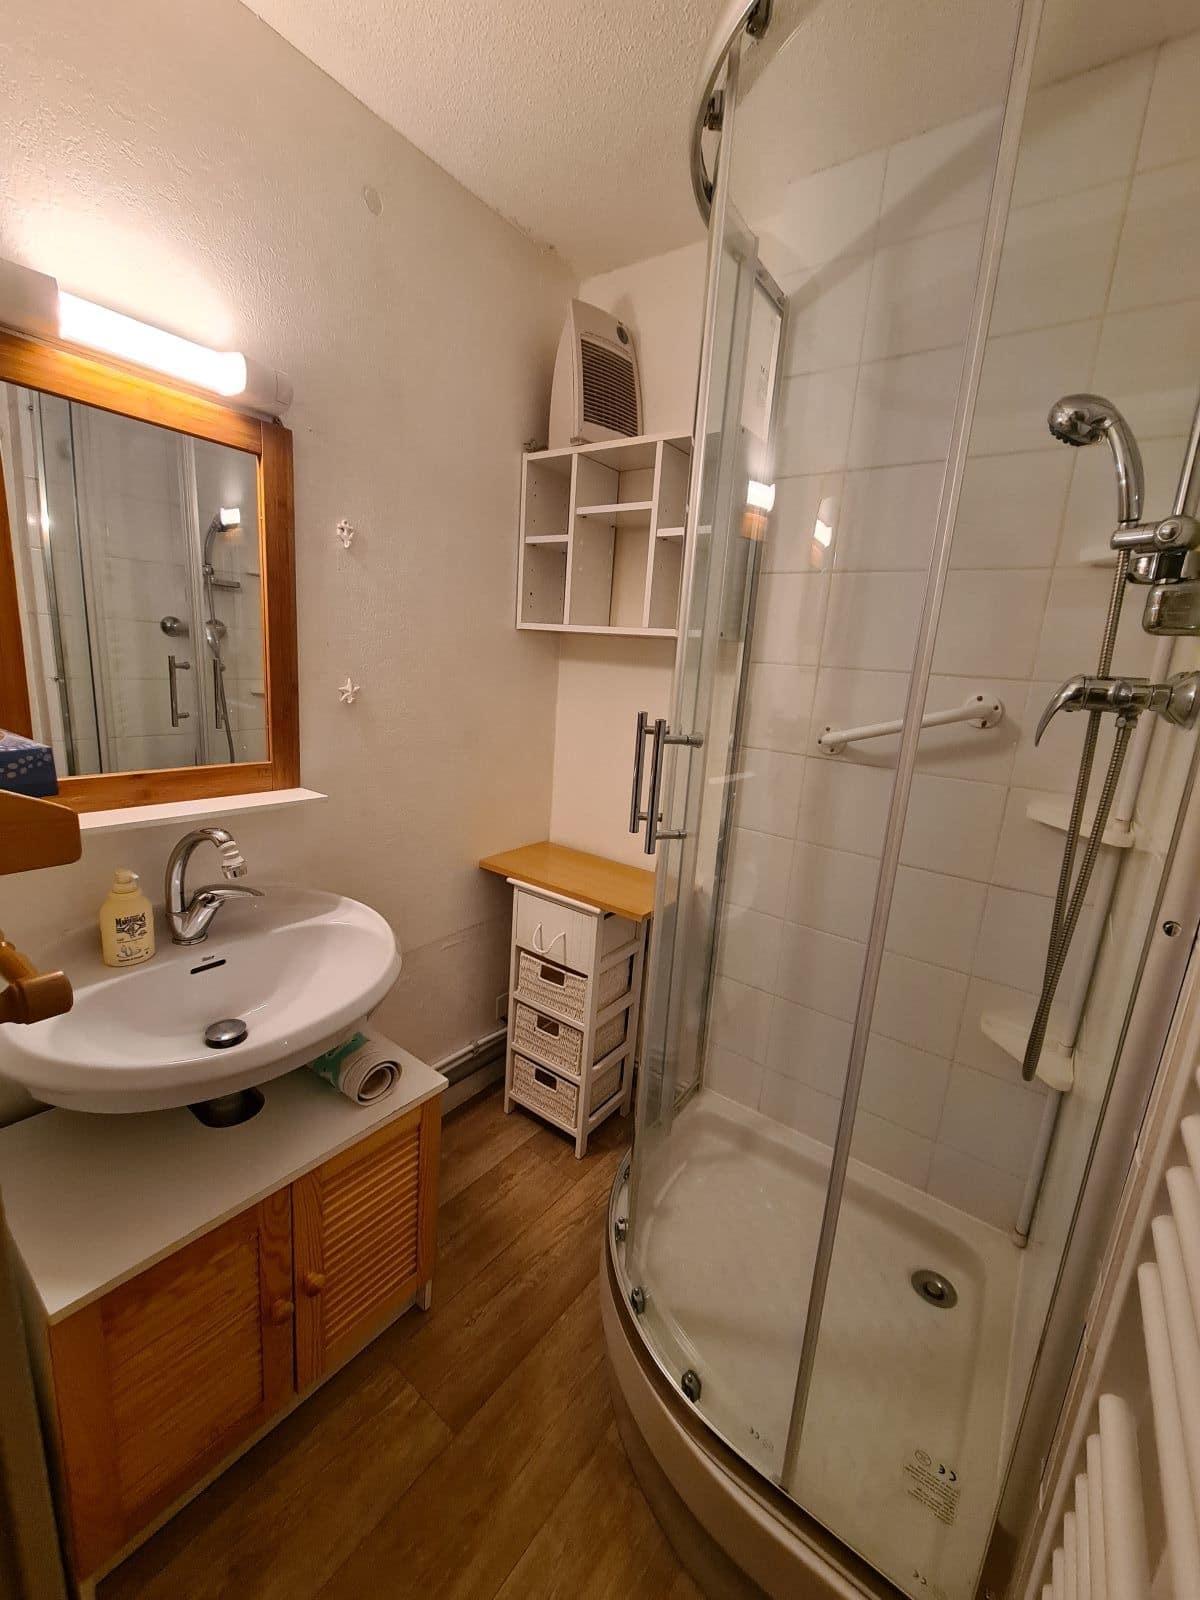 20210711 125823 - SAINT-LEGER-LES-MELEZES T2 DE 26 m² (6 COUCHAGES) AVEC BALCON ET ASCENSEUR